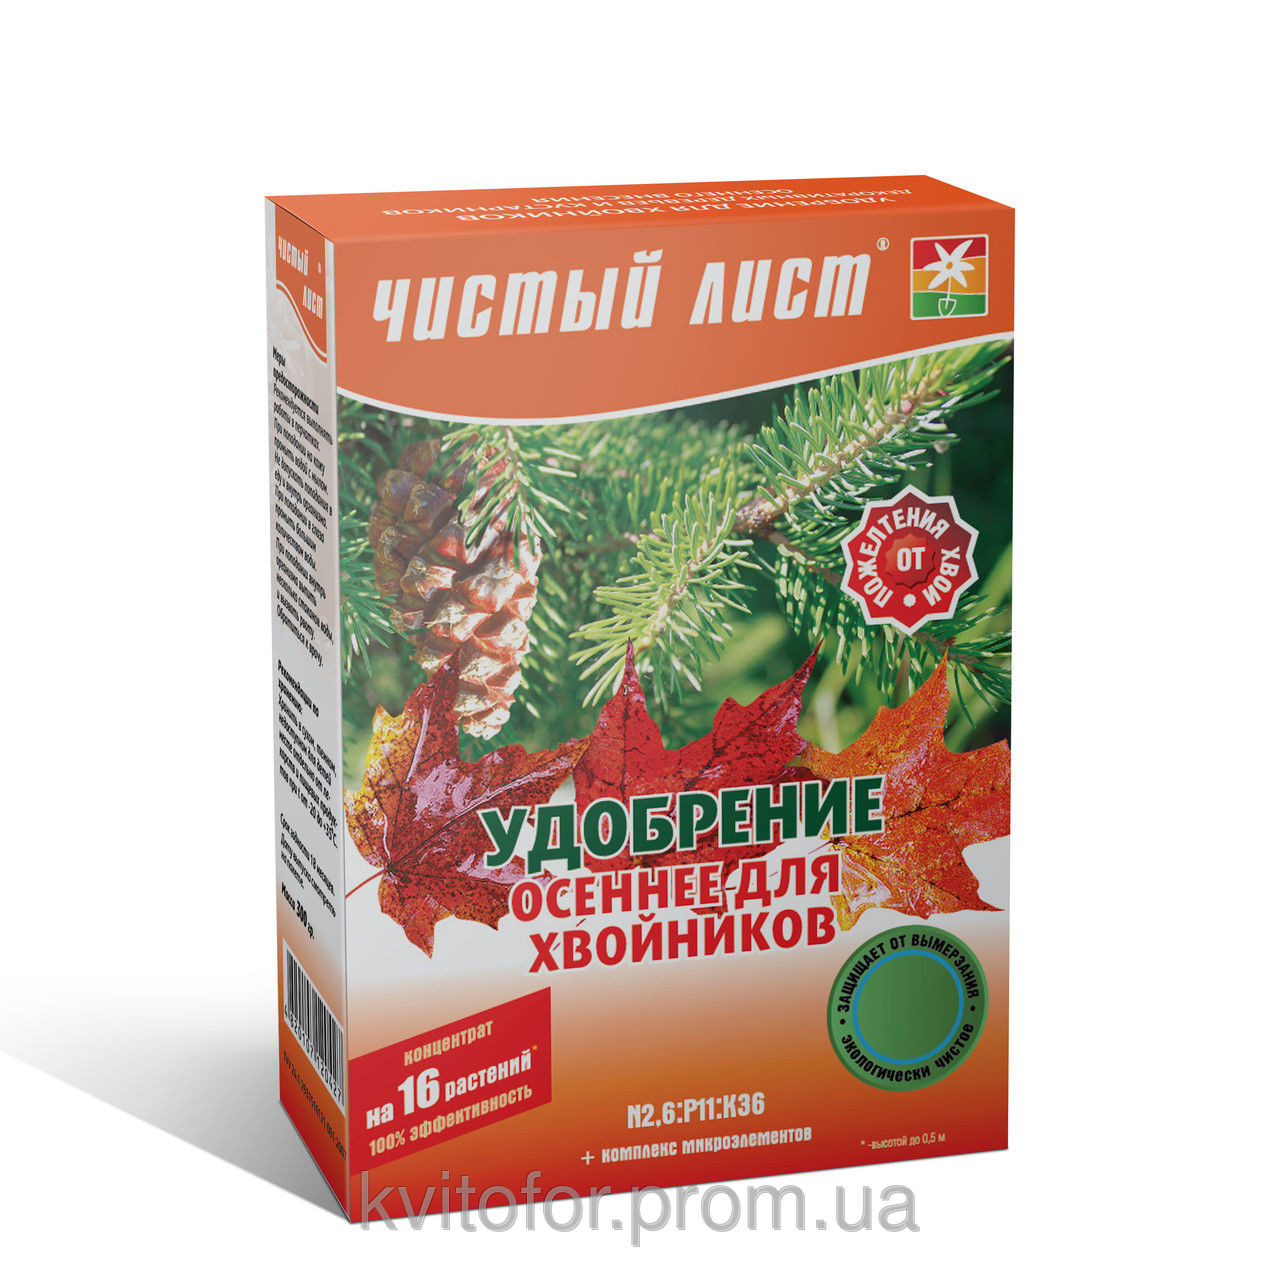 Удобрение Чистый Лист для хвойников, 300 г. Для подкормки растений в осенний период